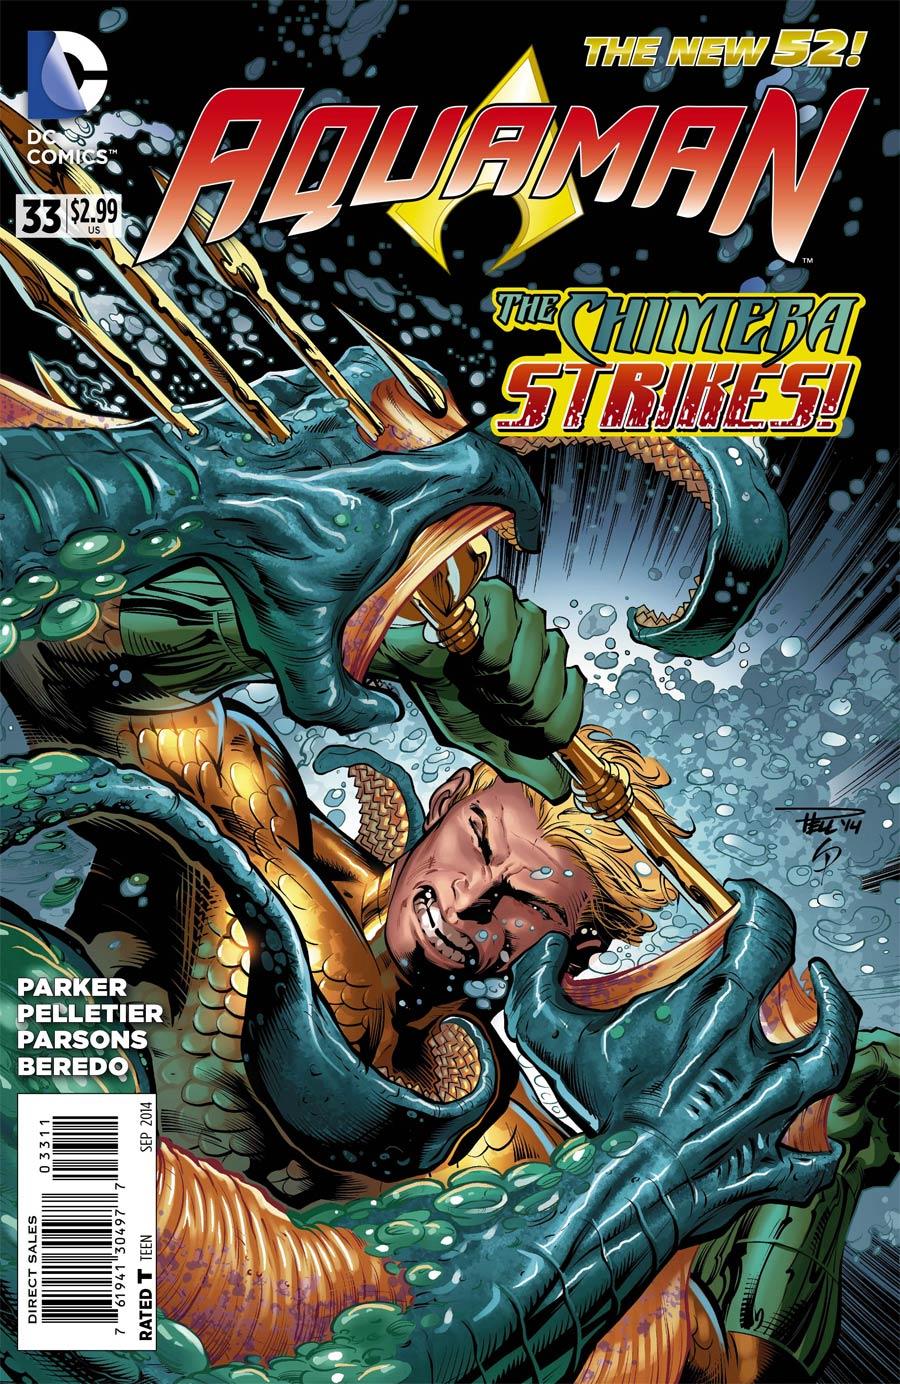 Aquaman Vol 5 #33 Cover A Regular Paul Pelletier Cover